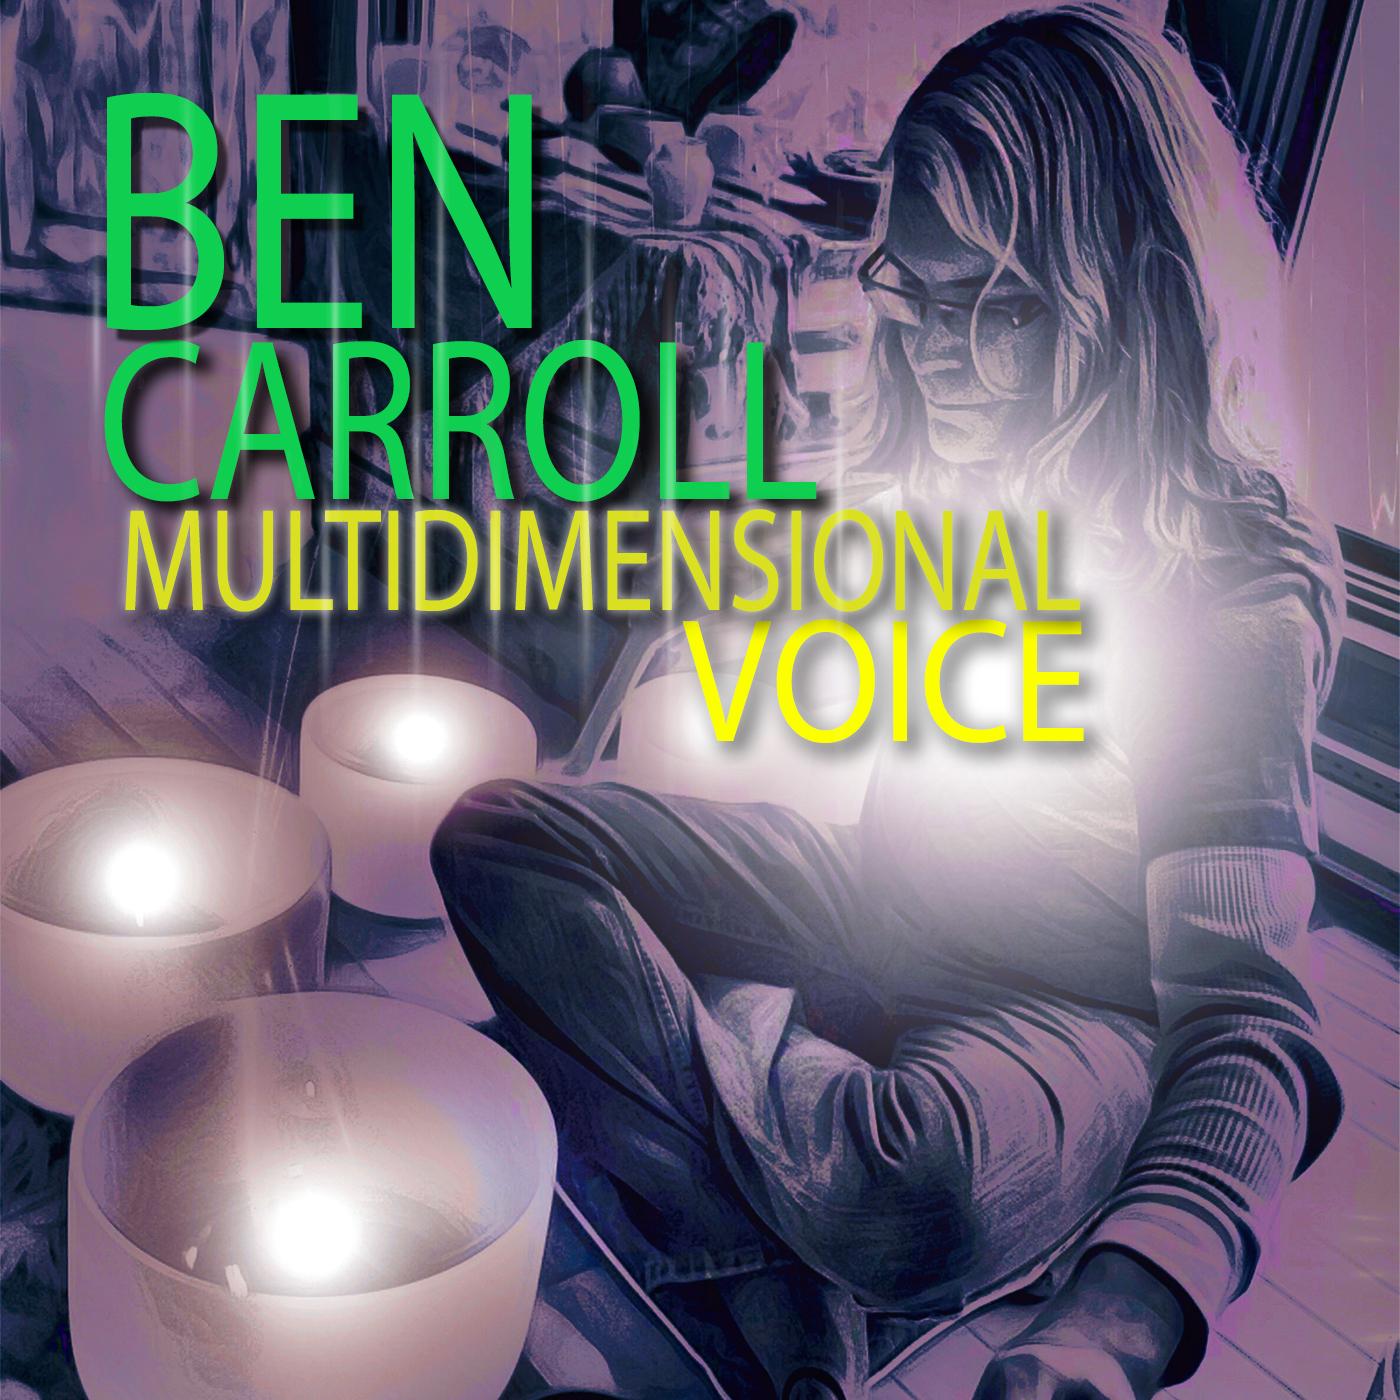 Ben Carroll -  Multidimensional Voice COVER - 1400x1400